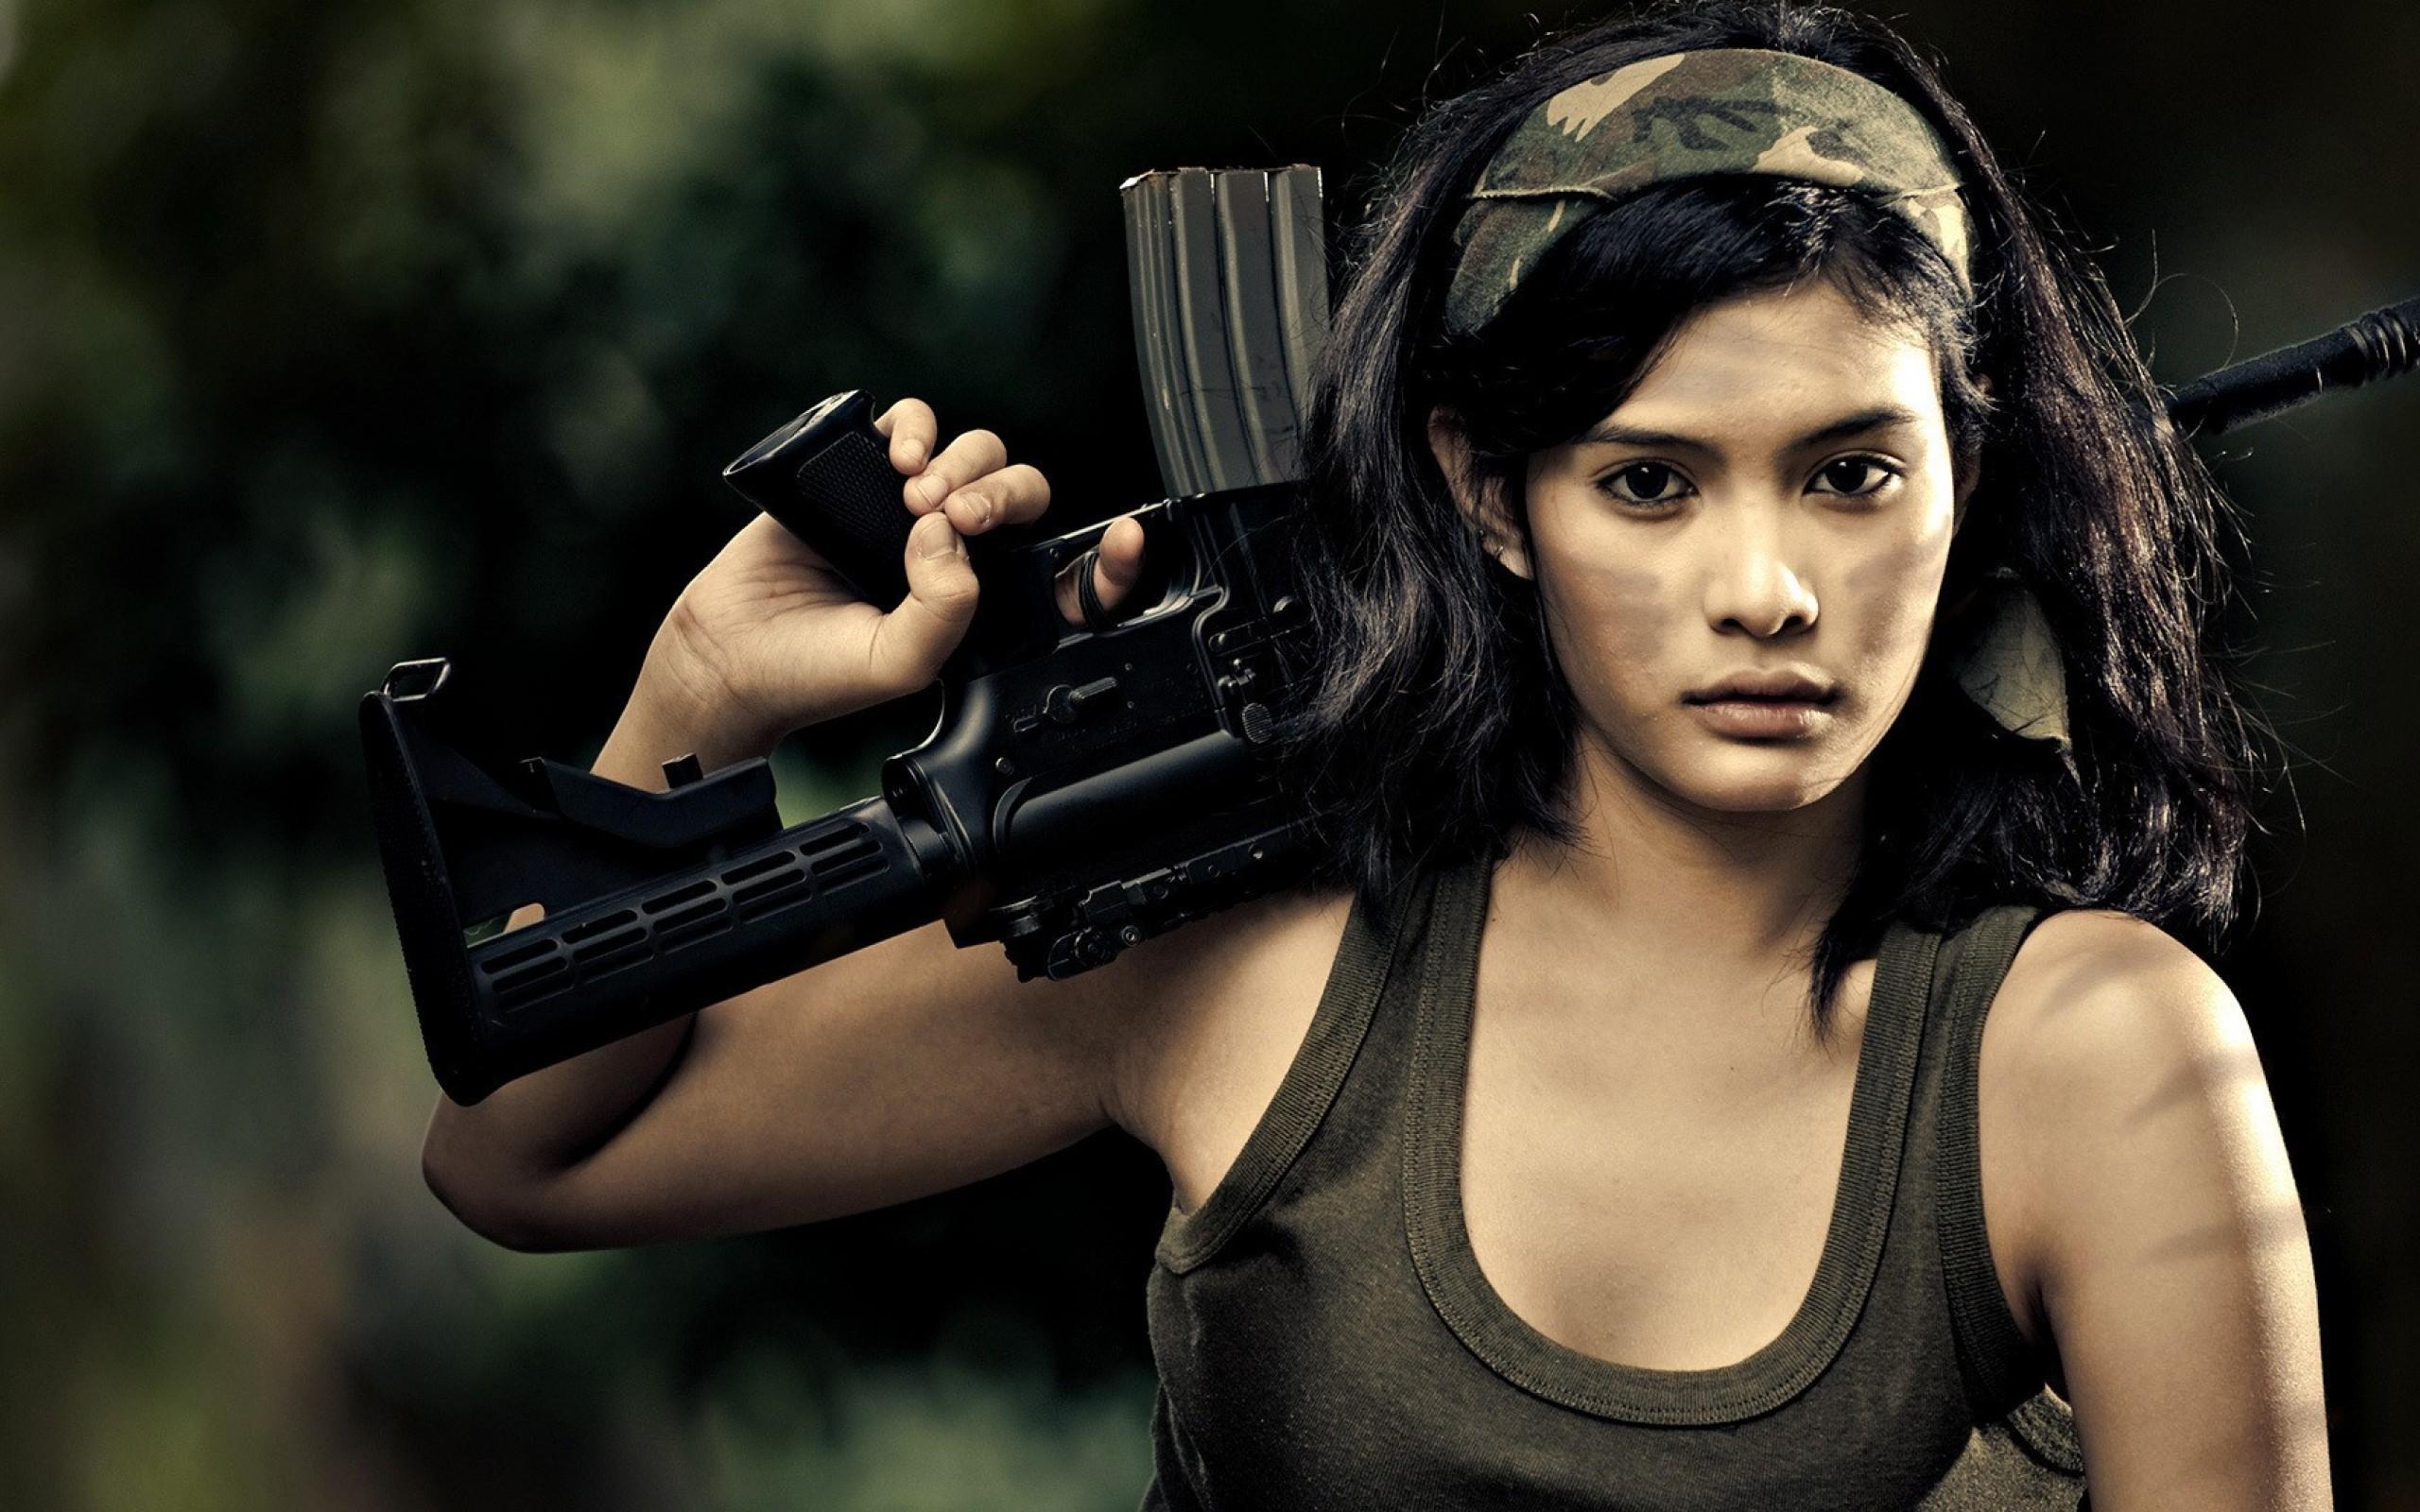 Chica con rifle de asalto - 2560x1600